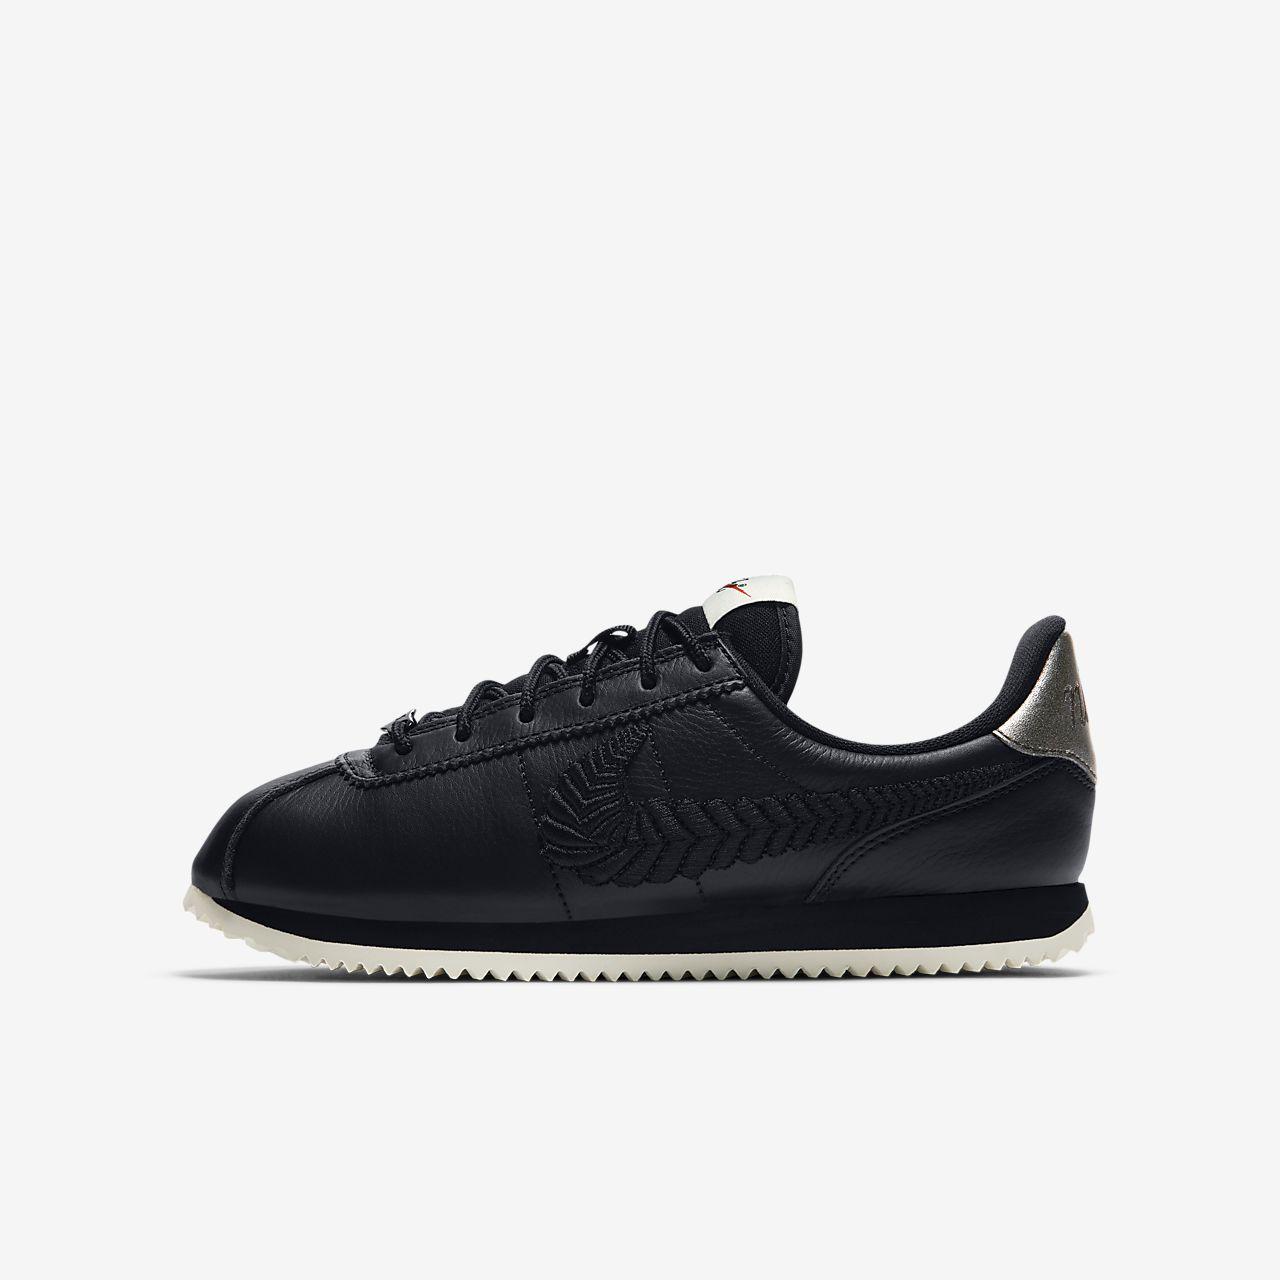 Nike Cortez Basic Premium Embroidered Genç Çocuk Ayakkabısı